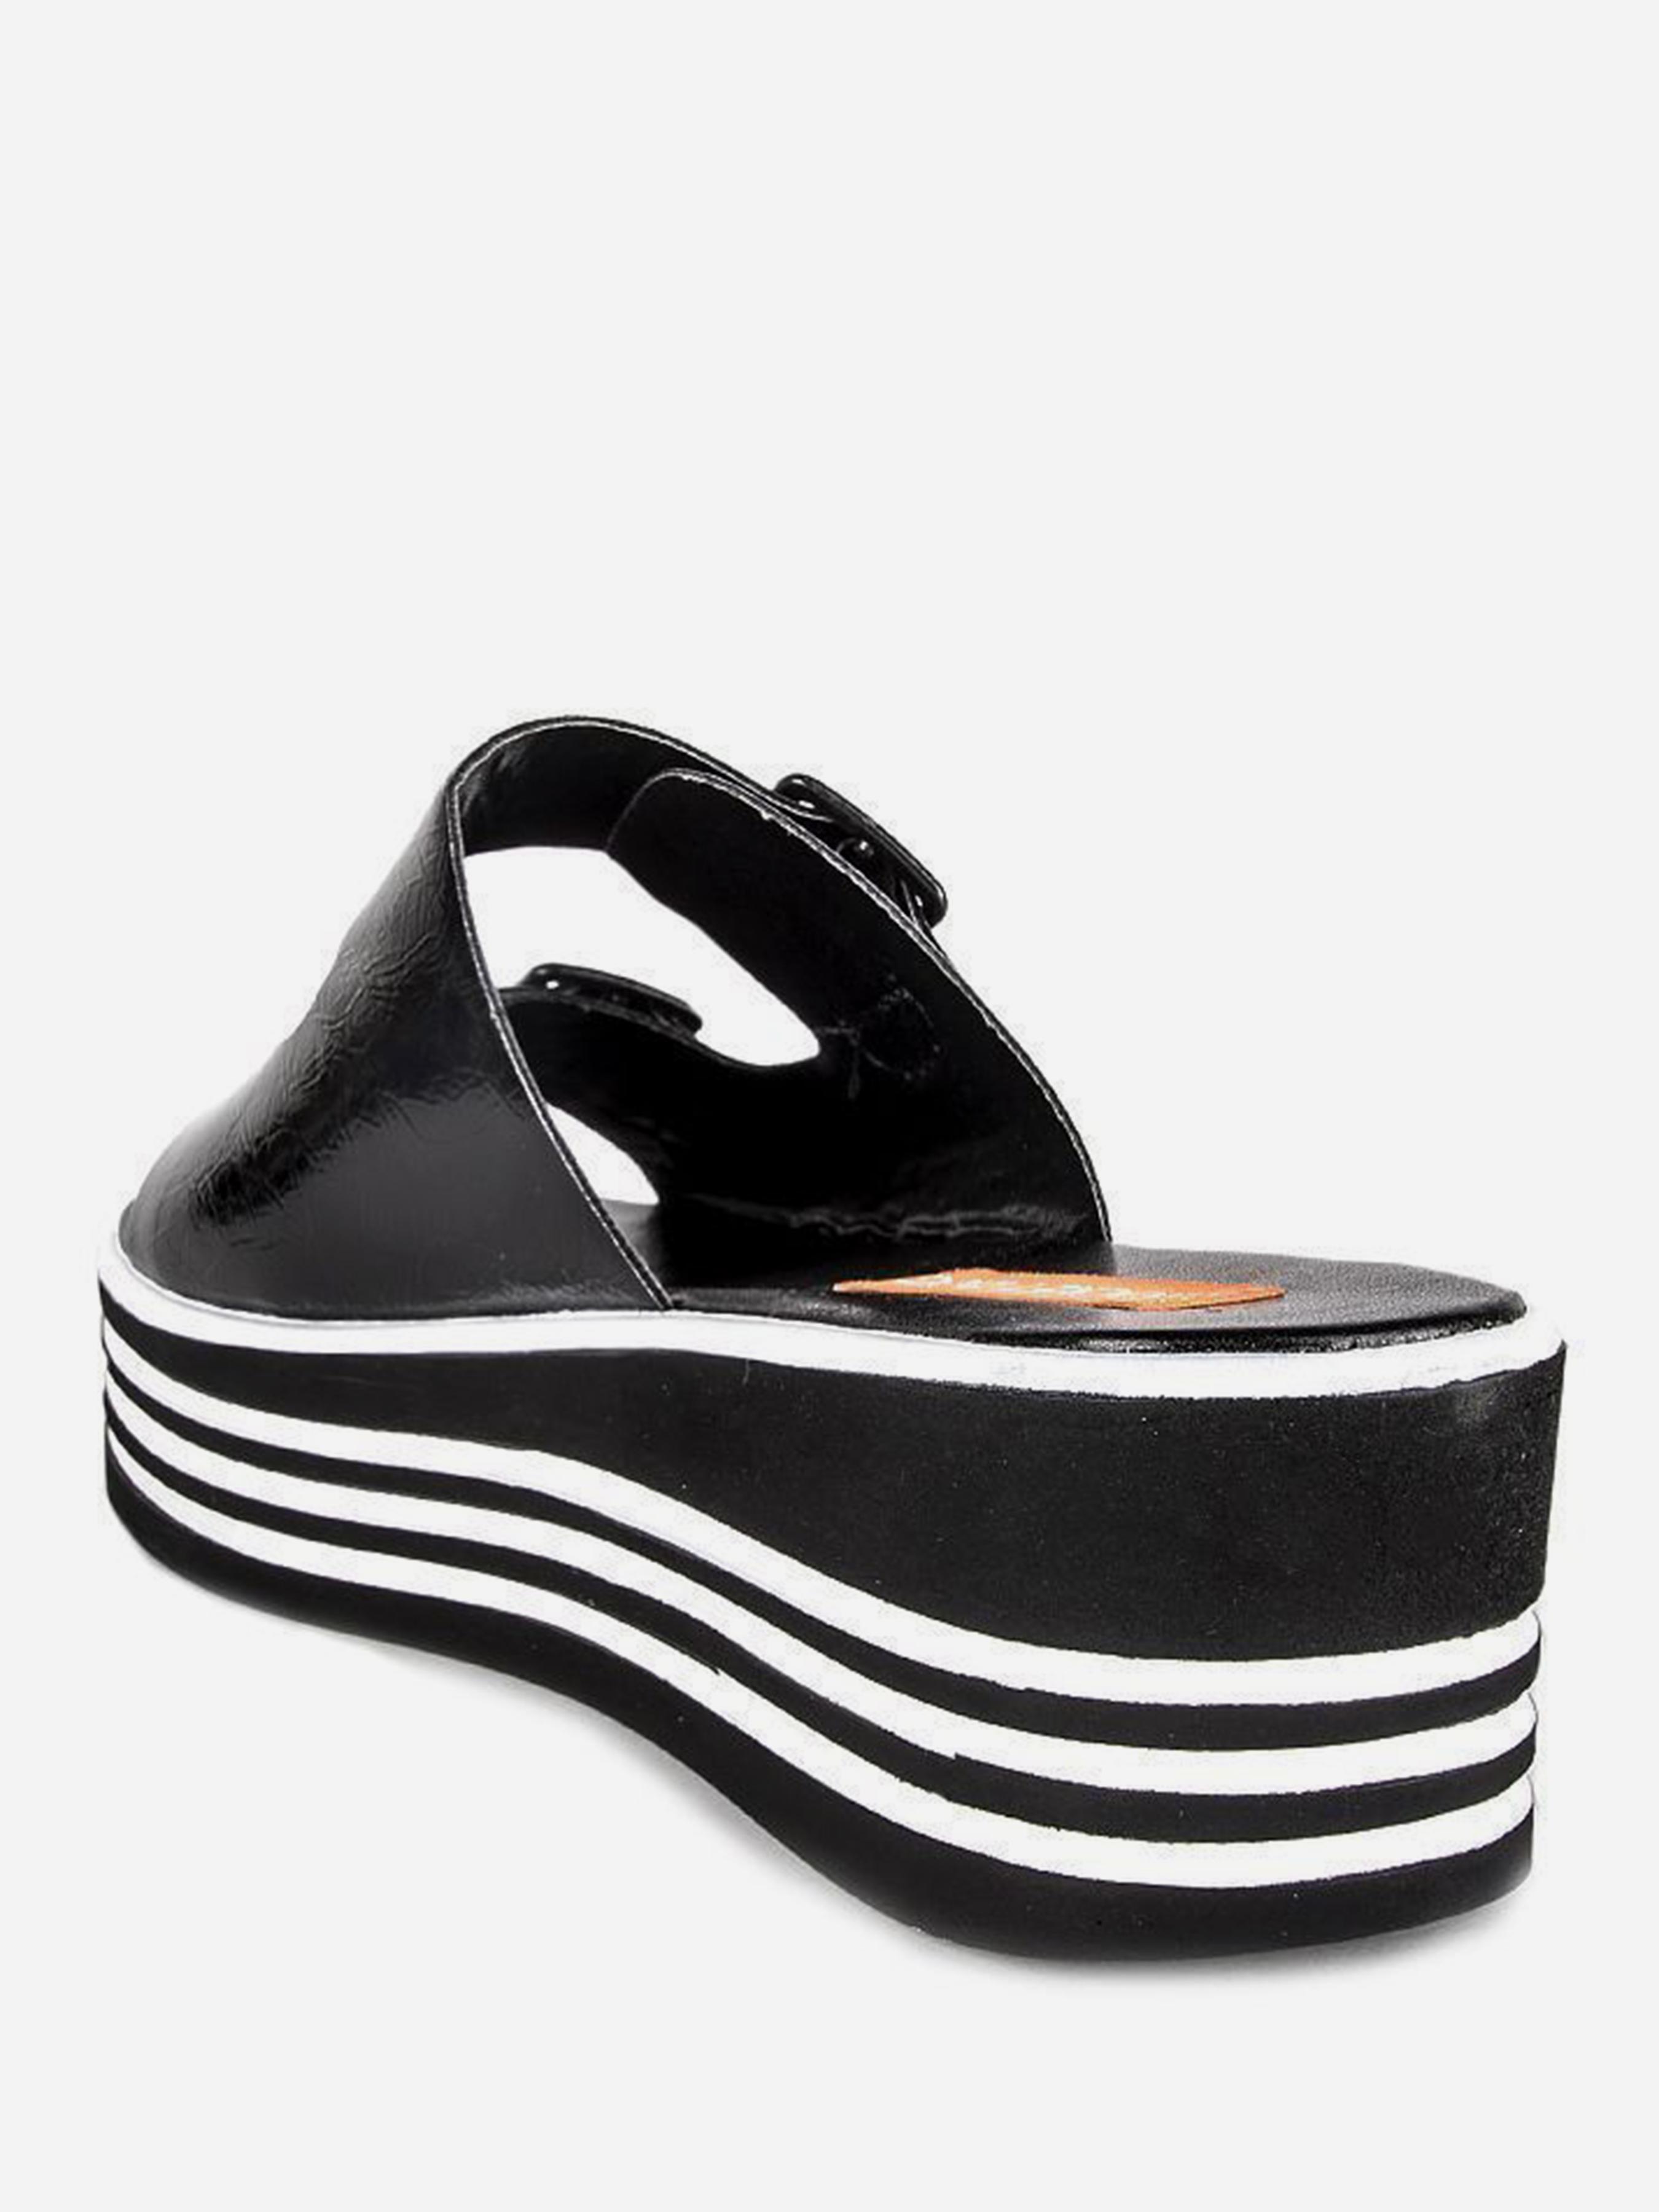 Шлёпанцы для женщин Rocket Dog RG199 модная обувь, 2017